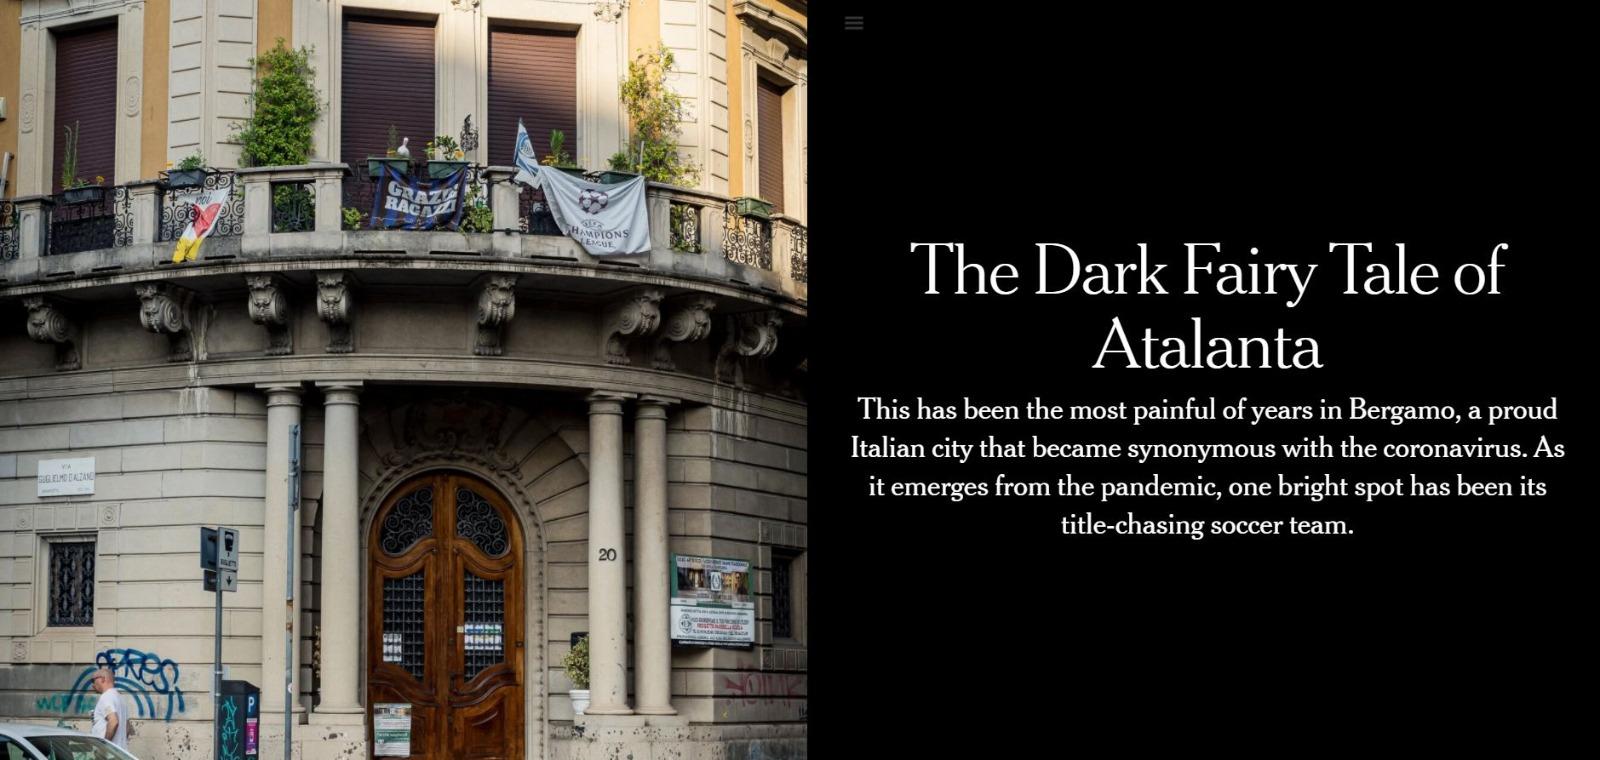 Dal NYT al Guardian, l'Atalanta è la storia del giorno sui media internazionali